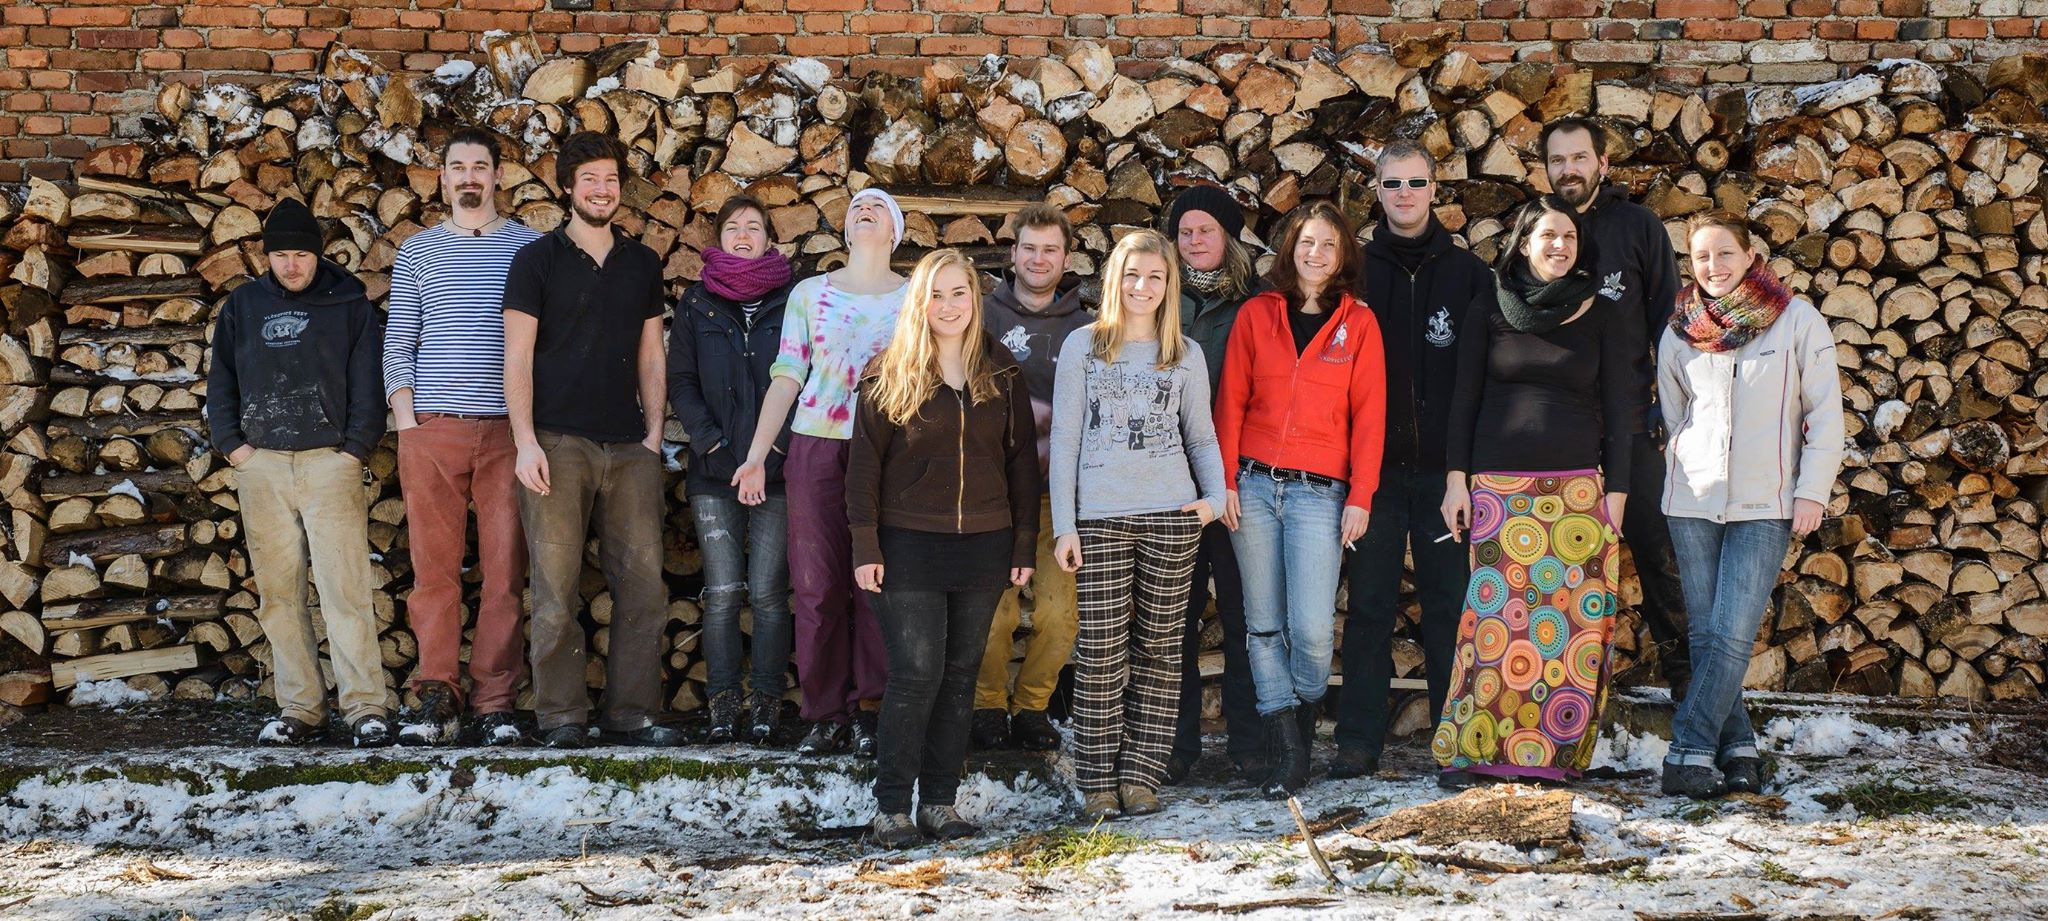 Zimni dobrovolnicky vikend 2015